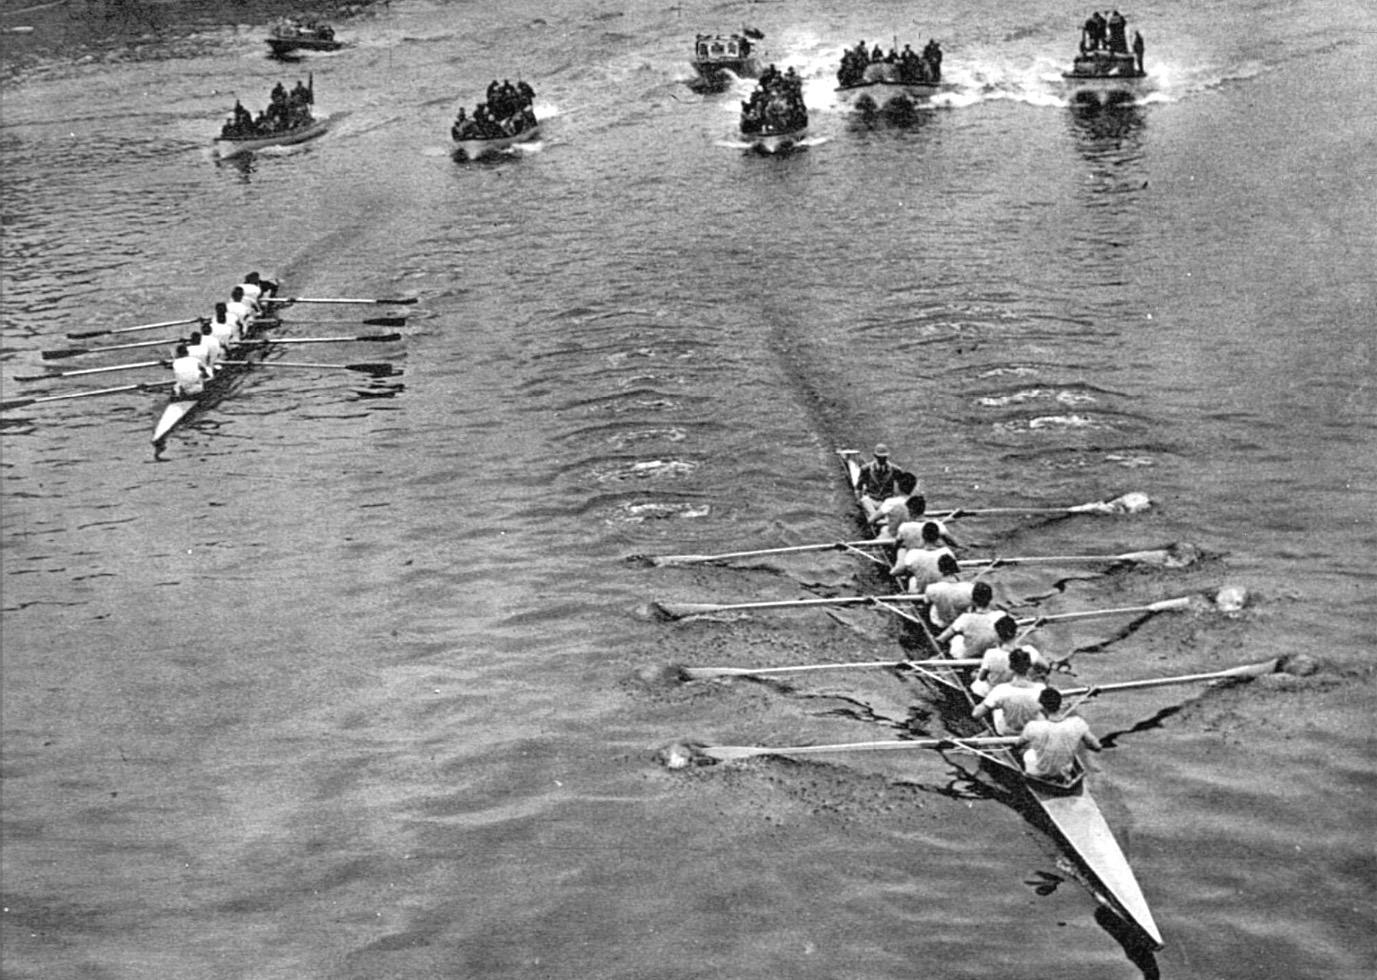 LAKE CHAMPLAIN CANOEISTS 1895 CANOE SAILING ASSOCIATION BUOY BANJO LADIES CAMP